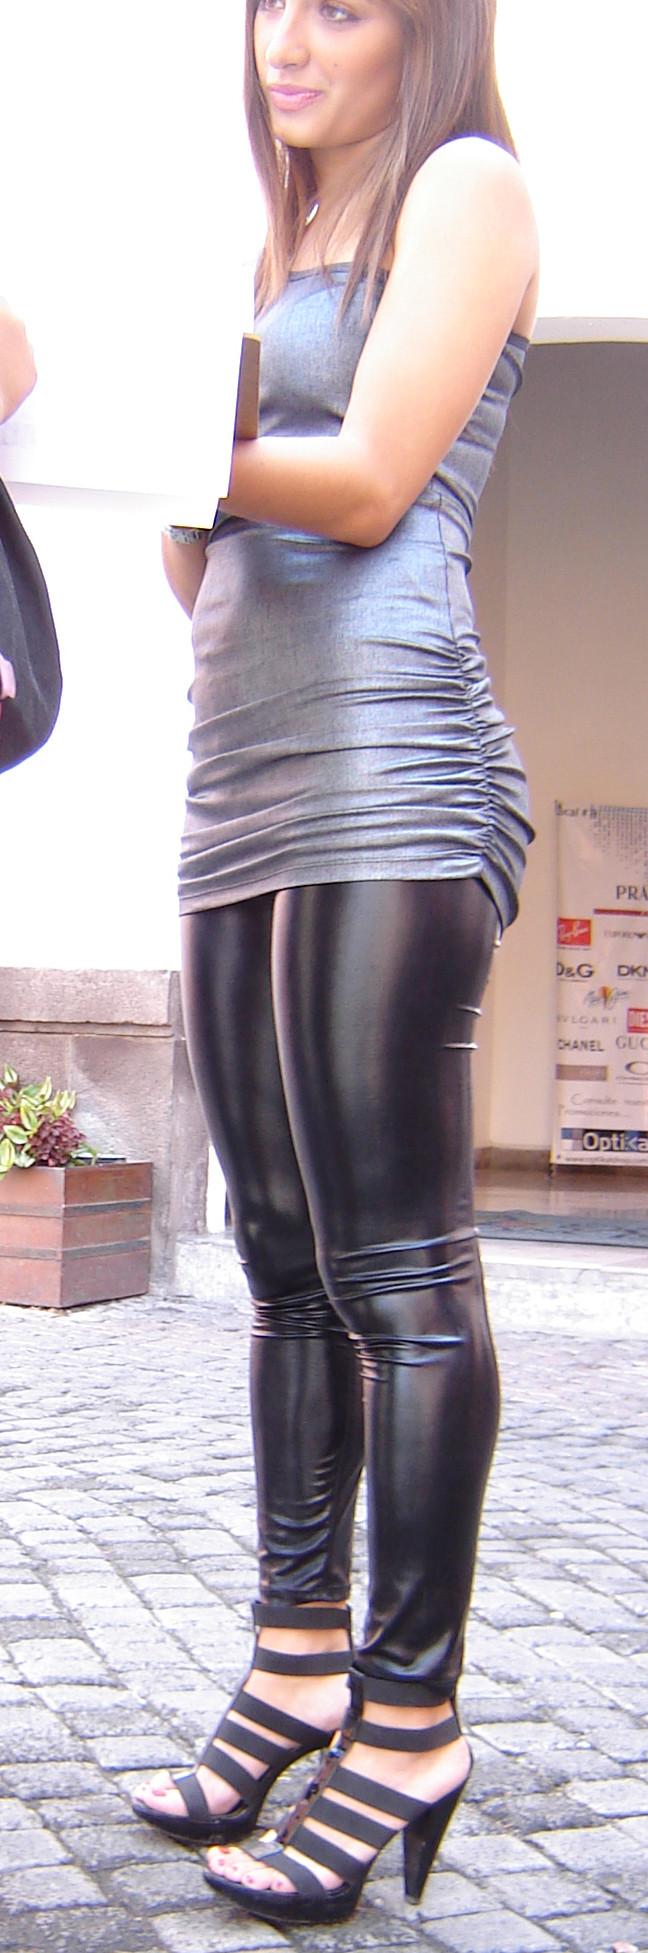 fille sexy en jean skin de pute minecraft